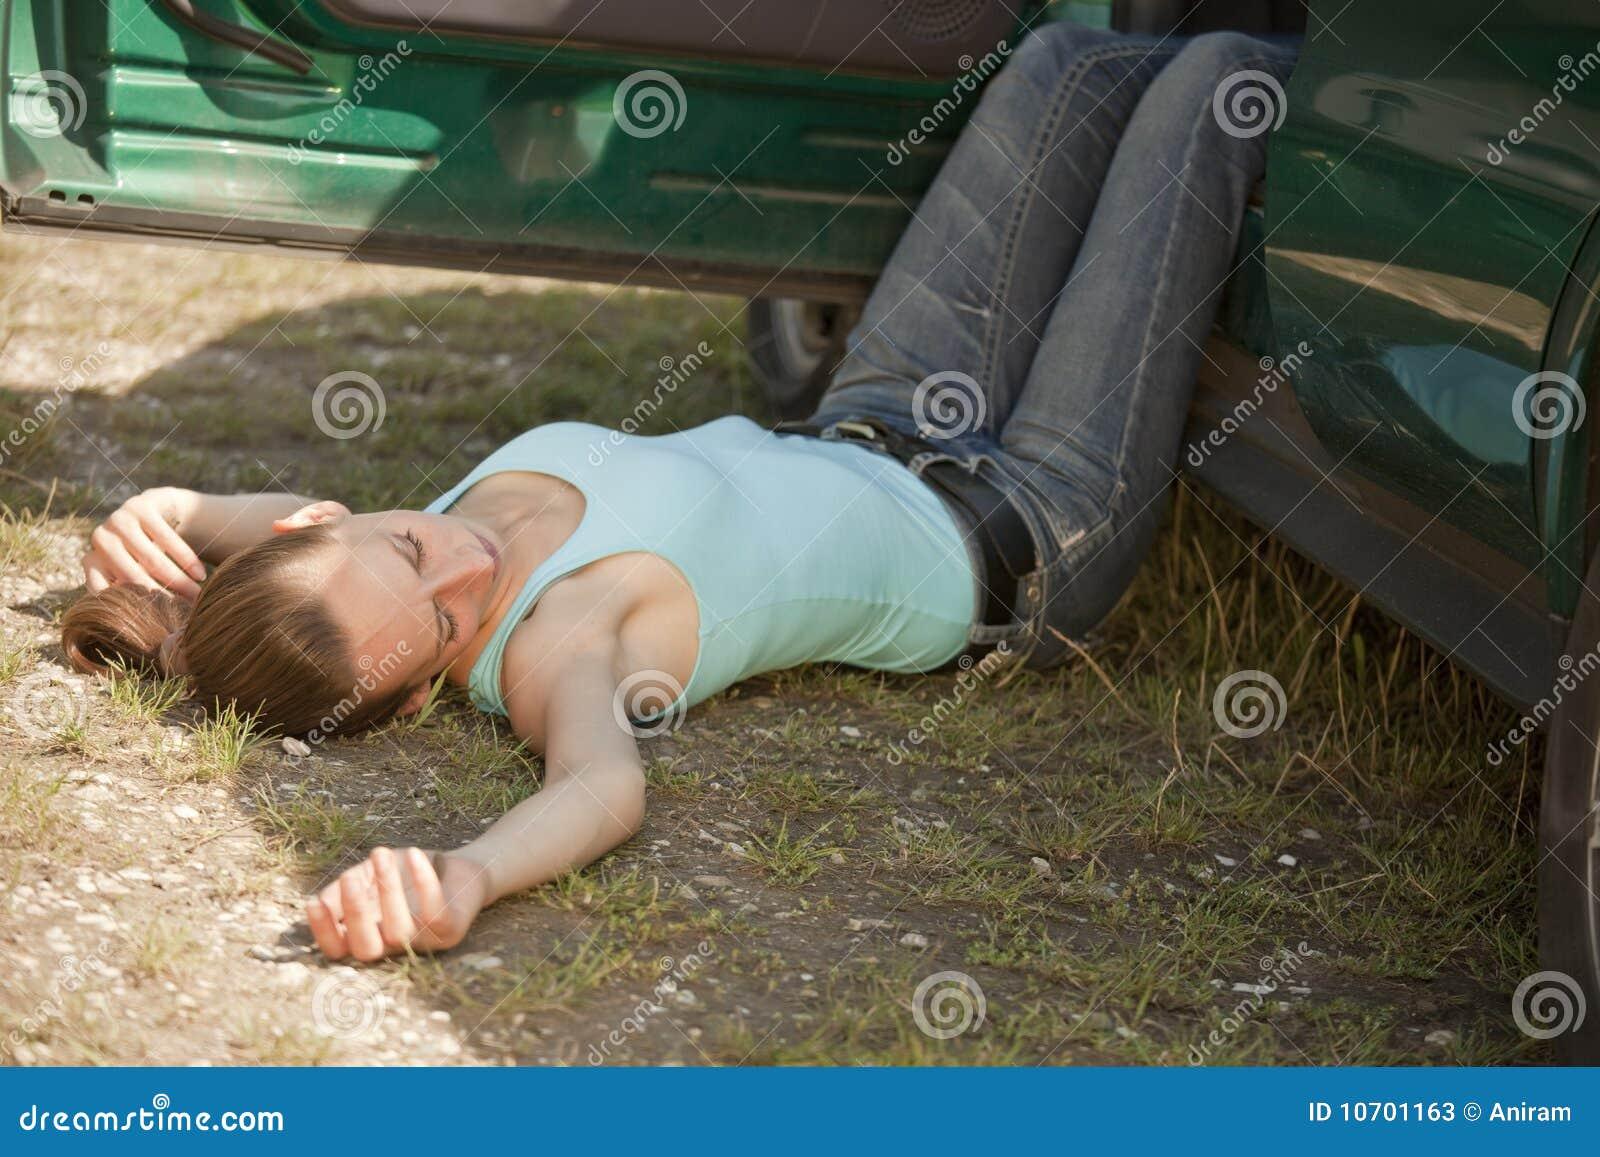 Так трахнули что потеряла сознание онлайн, Оргазм До потери сознания -видео. Смотреть 25 фотография